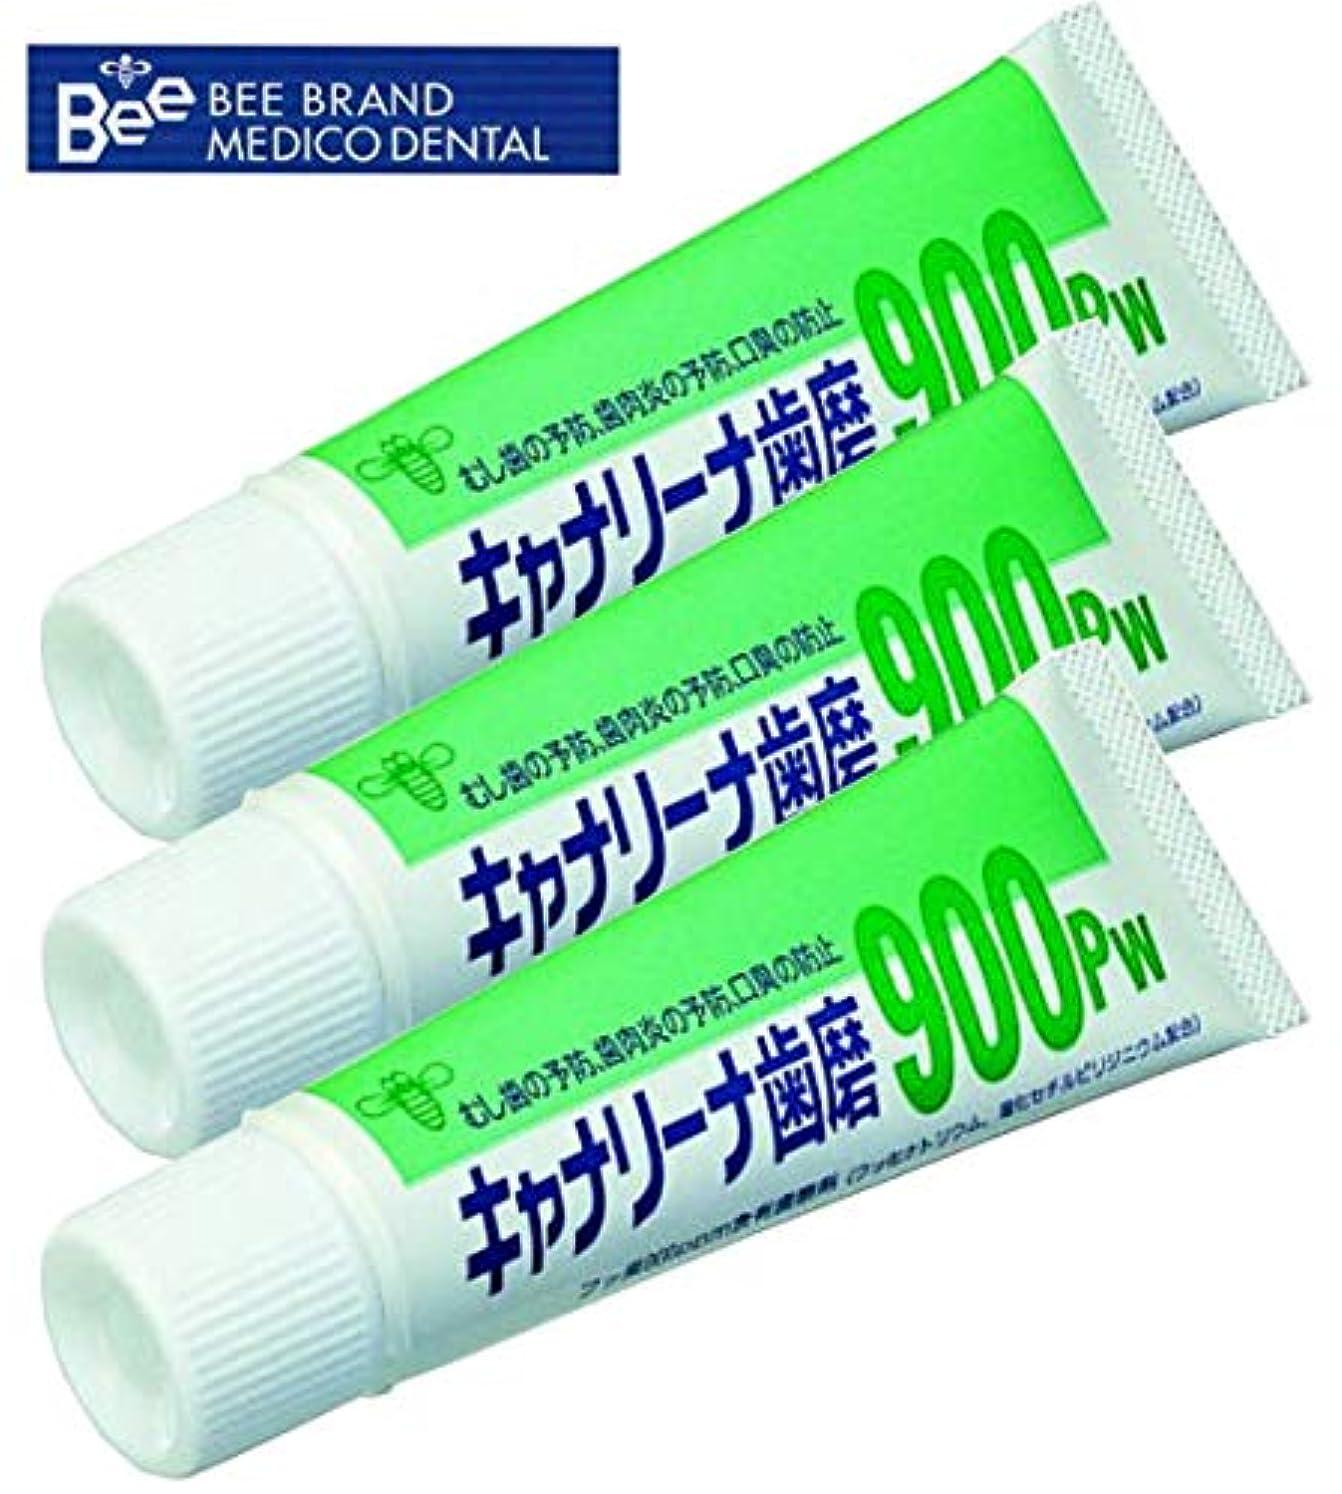 スペル本気豪華なビーブランド(BeeBrand) キャナリーナ 歯磨 900Pw × 3本セット 医薬部外品